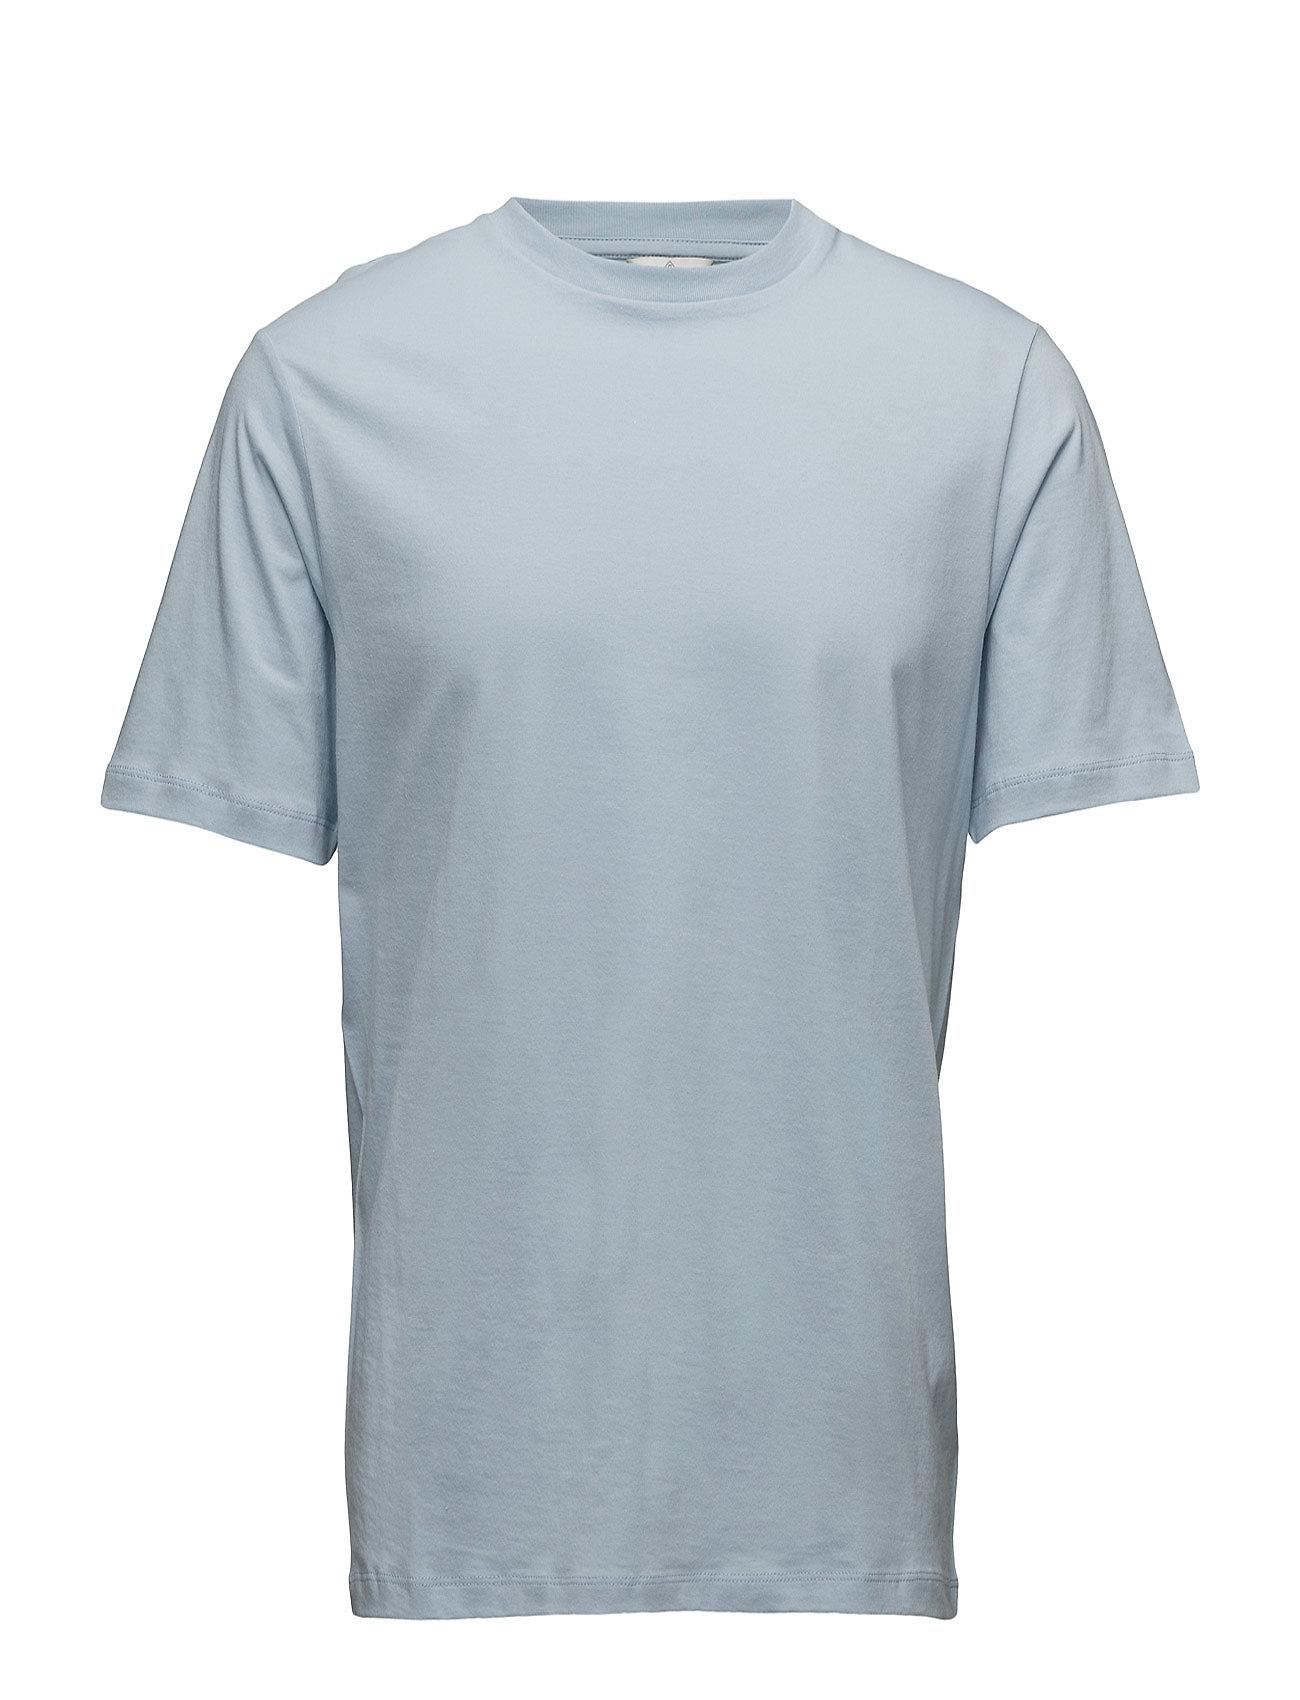 G. Seamless Tee GANT T-shirts til Mænd i Kentucky Blå